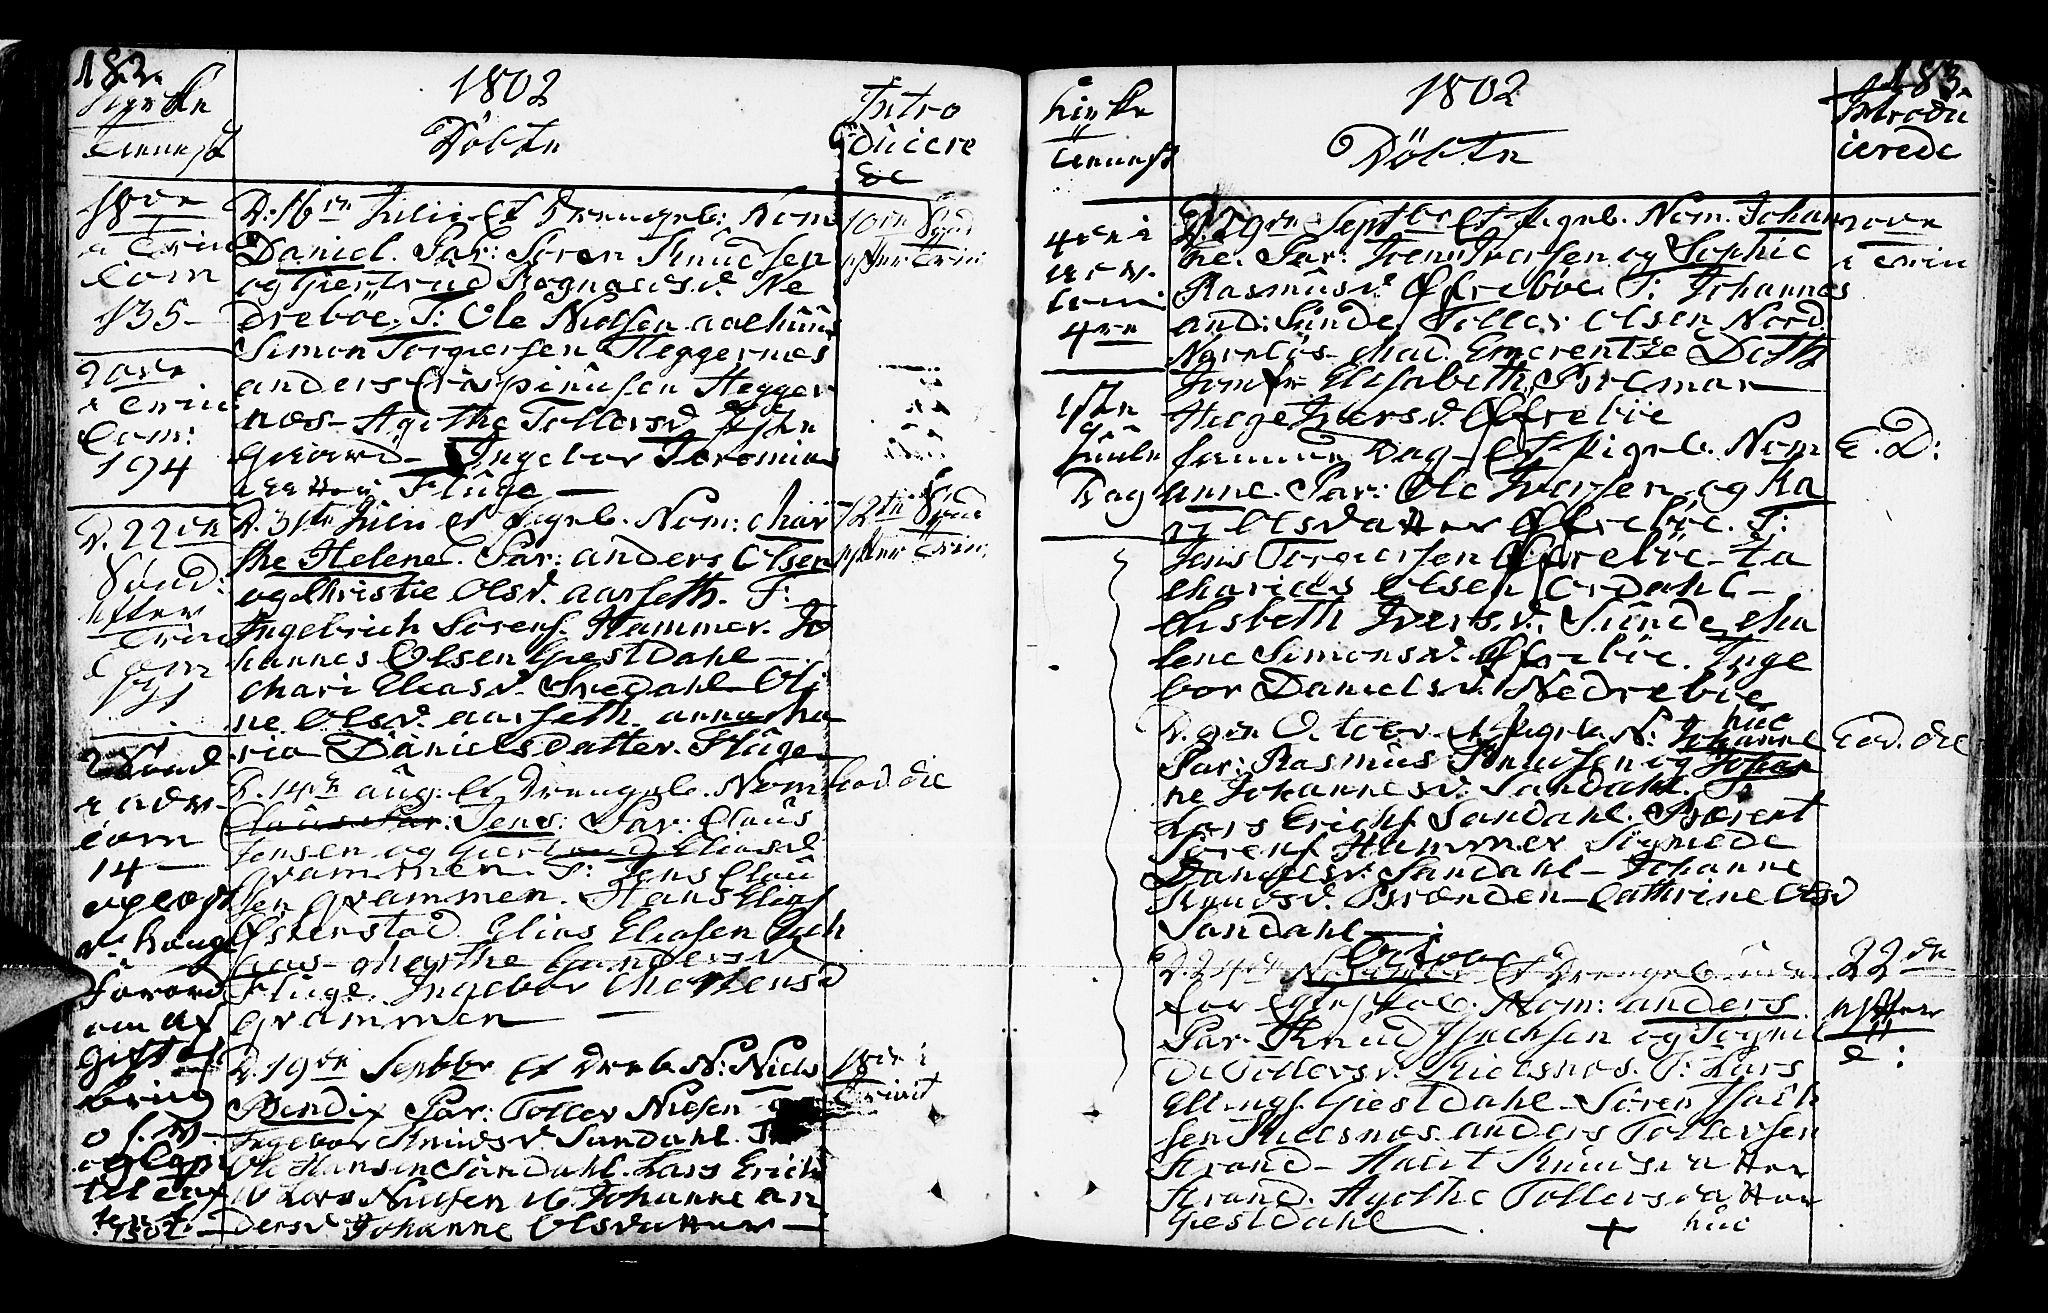 SAB, Jølster sokneprestembete, H/Haa/Haaa/L0005: Ministerialbok nr. A 5, 1790-1821, s. 182-183